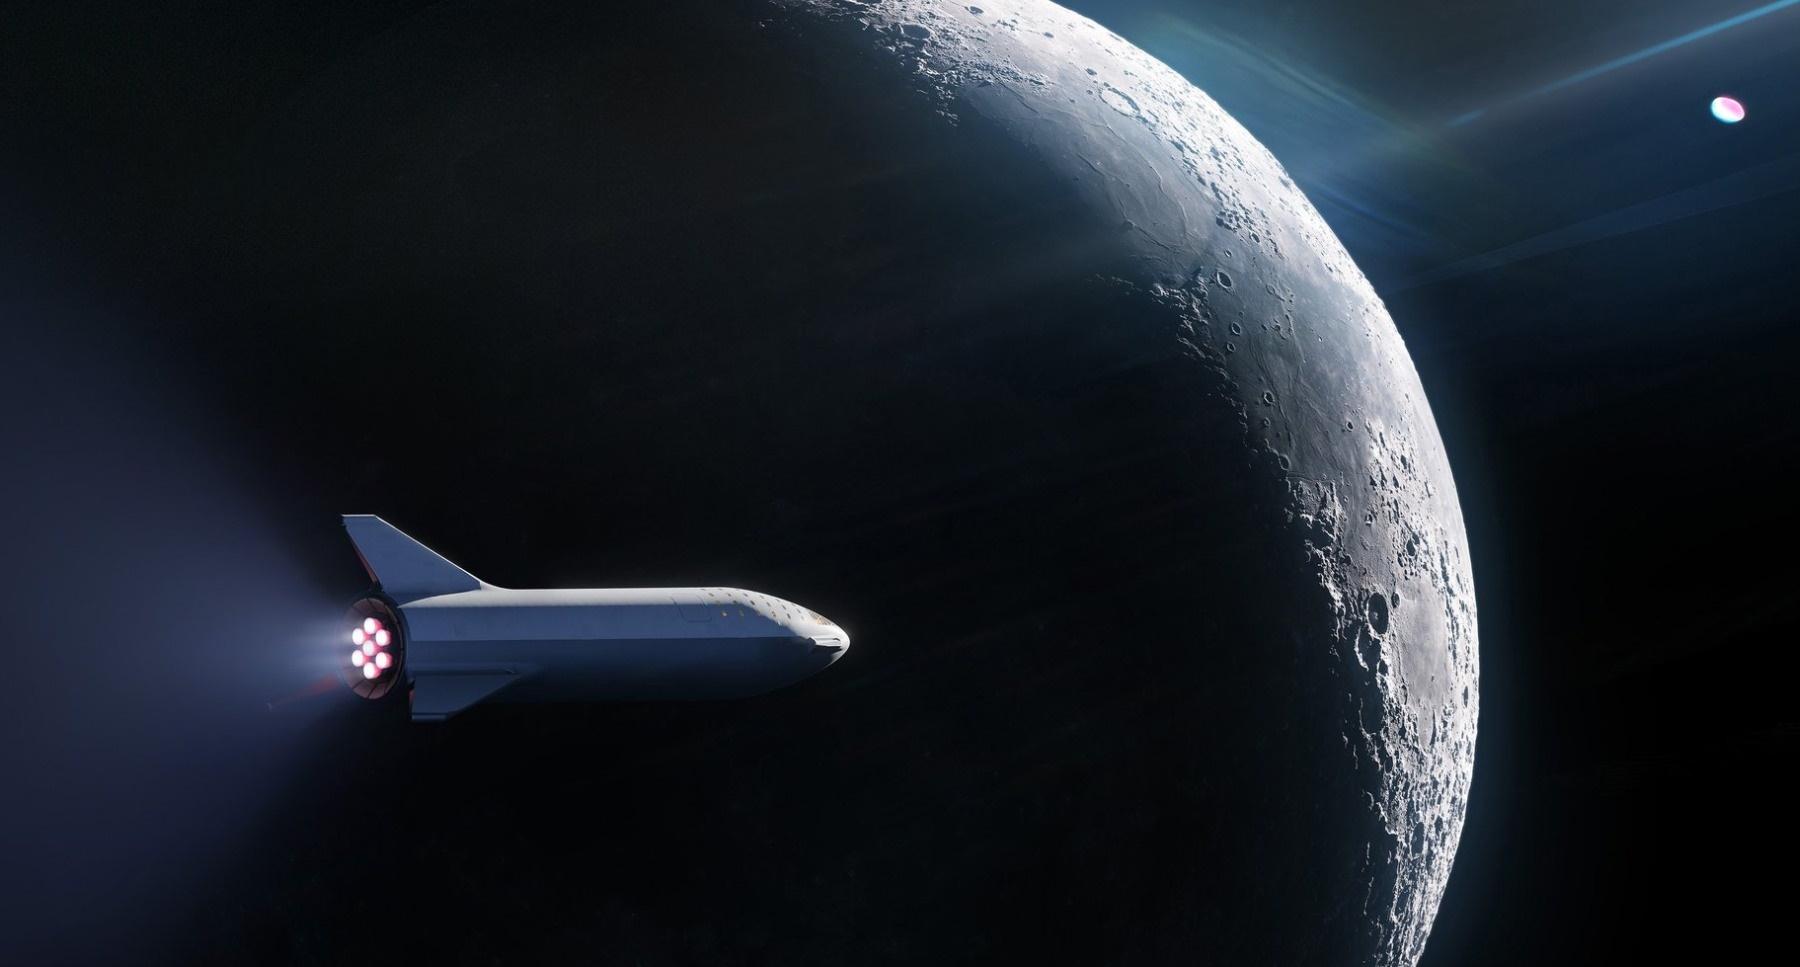 اولین توریست کره ماه، بلیت خود را رزرو کرد